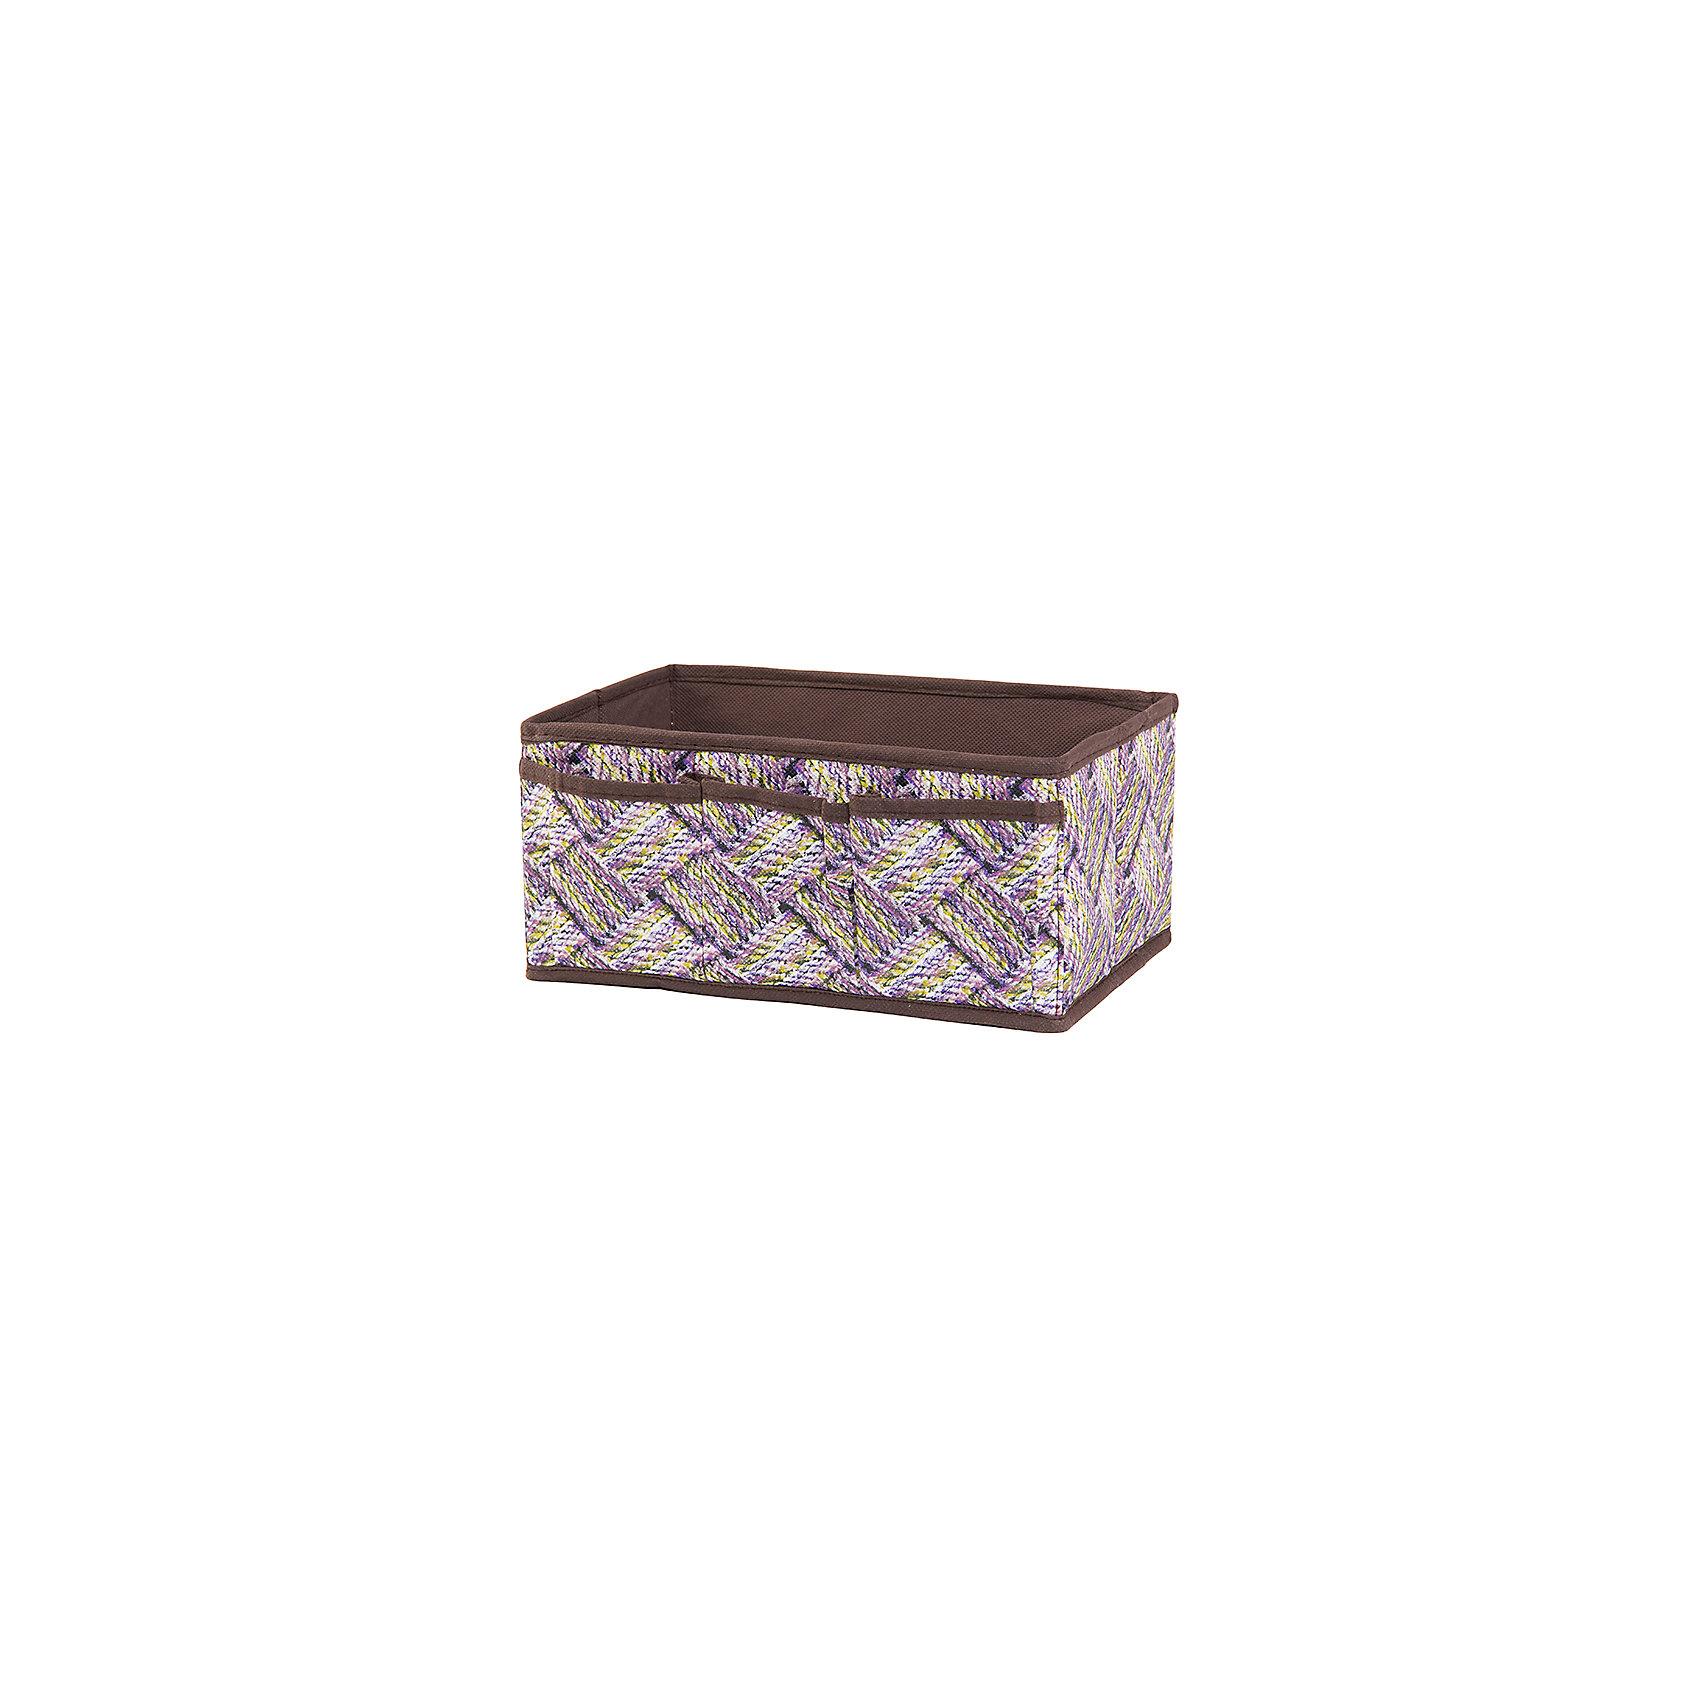 Органайзер для косметики/мелочей 25*15*12 см. Плетенка, с 3 карманами, EL CasaПредметы интерьера<br>Характеристики товара:<br><br>• цвет: мульти<br>• материал: текстиль (полиэстер 100%)<br>• размер: 25 х 15 х 12 см<br>• вес: 150 г<br>• декорирован принтом<br>• легко складывается и раскладывается<br>• удобный<br>• 3 кармана<br>• легкий<br>• универсальный размер<br>• страна бренда: Российская Федерация<br>• страна производства: Китай<br><br>Такой органайзер - отличный пример красивой и функциональной вещи для любого интерьера. В нем удобной хранить различные мелочи, благодаря универсальному дизайну и расцветке он хорошо будет смотреться в помещении.<br><br>Органайзер для хранения может стать отличным приобретением для дома или подарком для любителей красивых оригинальных вещей.<br><br>Бренд EL Casa - это красивые и практичные товары для дома с современным дизайном. Они добавляют в жильё уюта и комфорта! <br><br>Органайзер для косметики/мелочей 25*15*12 см. Плетенка, с 3 карманами, EL Casa можно купить в нашем интернет-магазине.<br><br>Ширина мм: 255<br>Глубина мм: 150<br>Высота мм: 20<br>Вес г: 177<br>Возраст от месяцев: 0<br>Возраст до месяцев: 1188<br>Пол: Унисекс<br>Возраст: Детский<br>SKU: 6668799